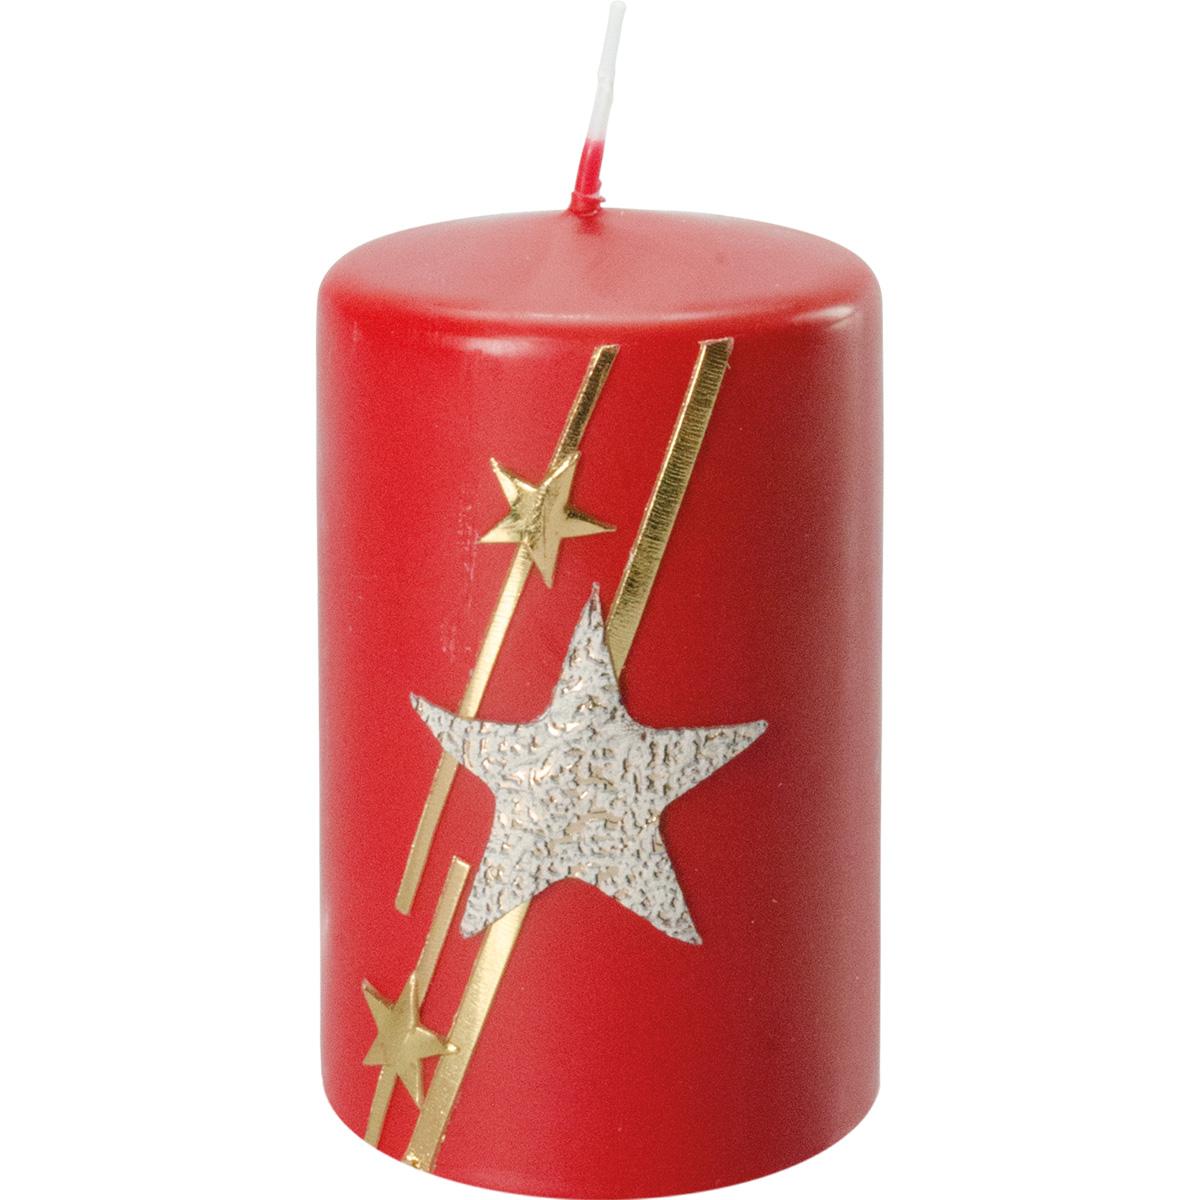 Weihnachtskerze, #2739, 10 x 6 cm, rubin, Stern